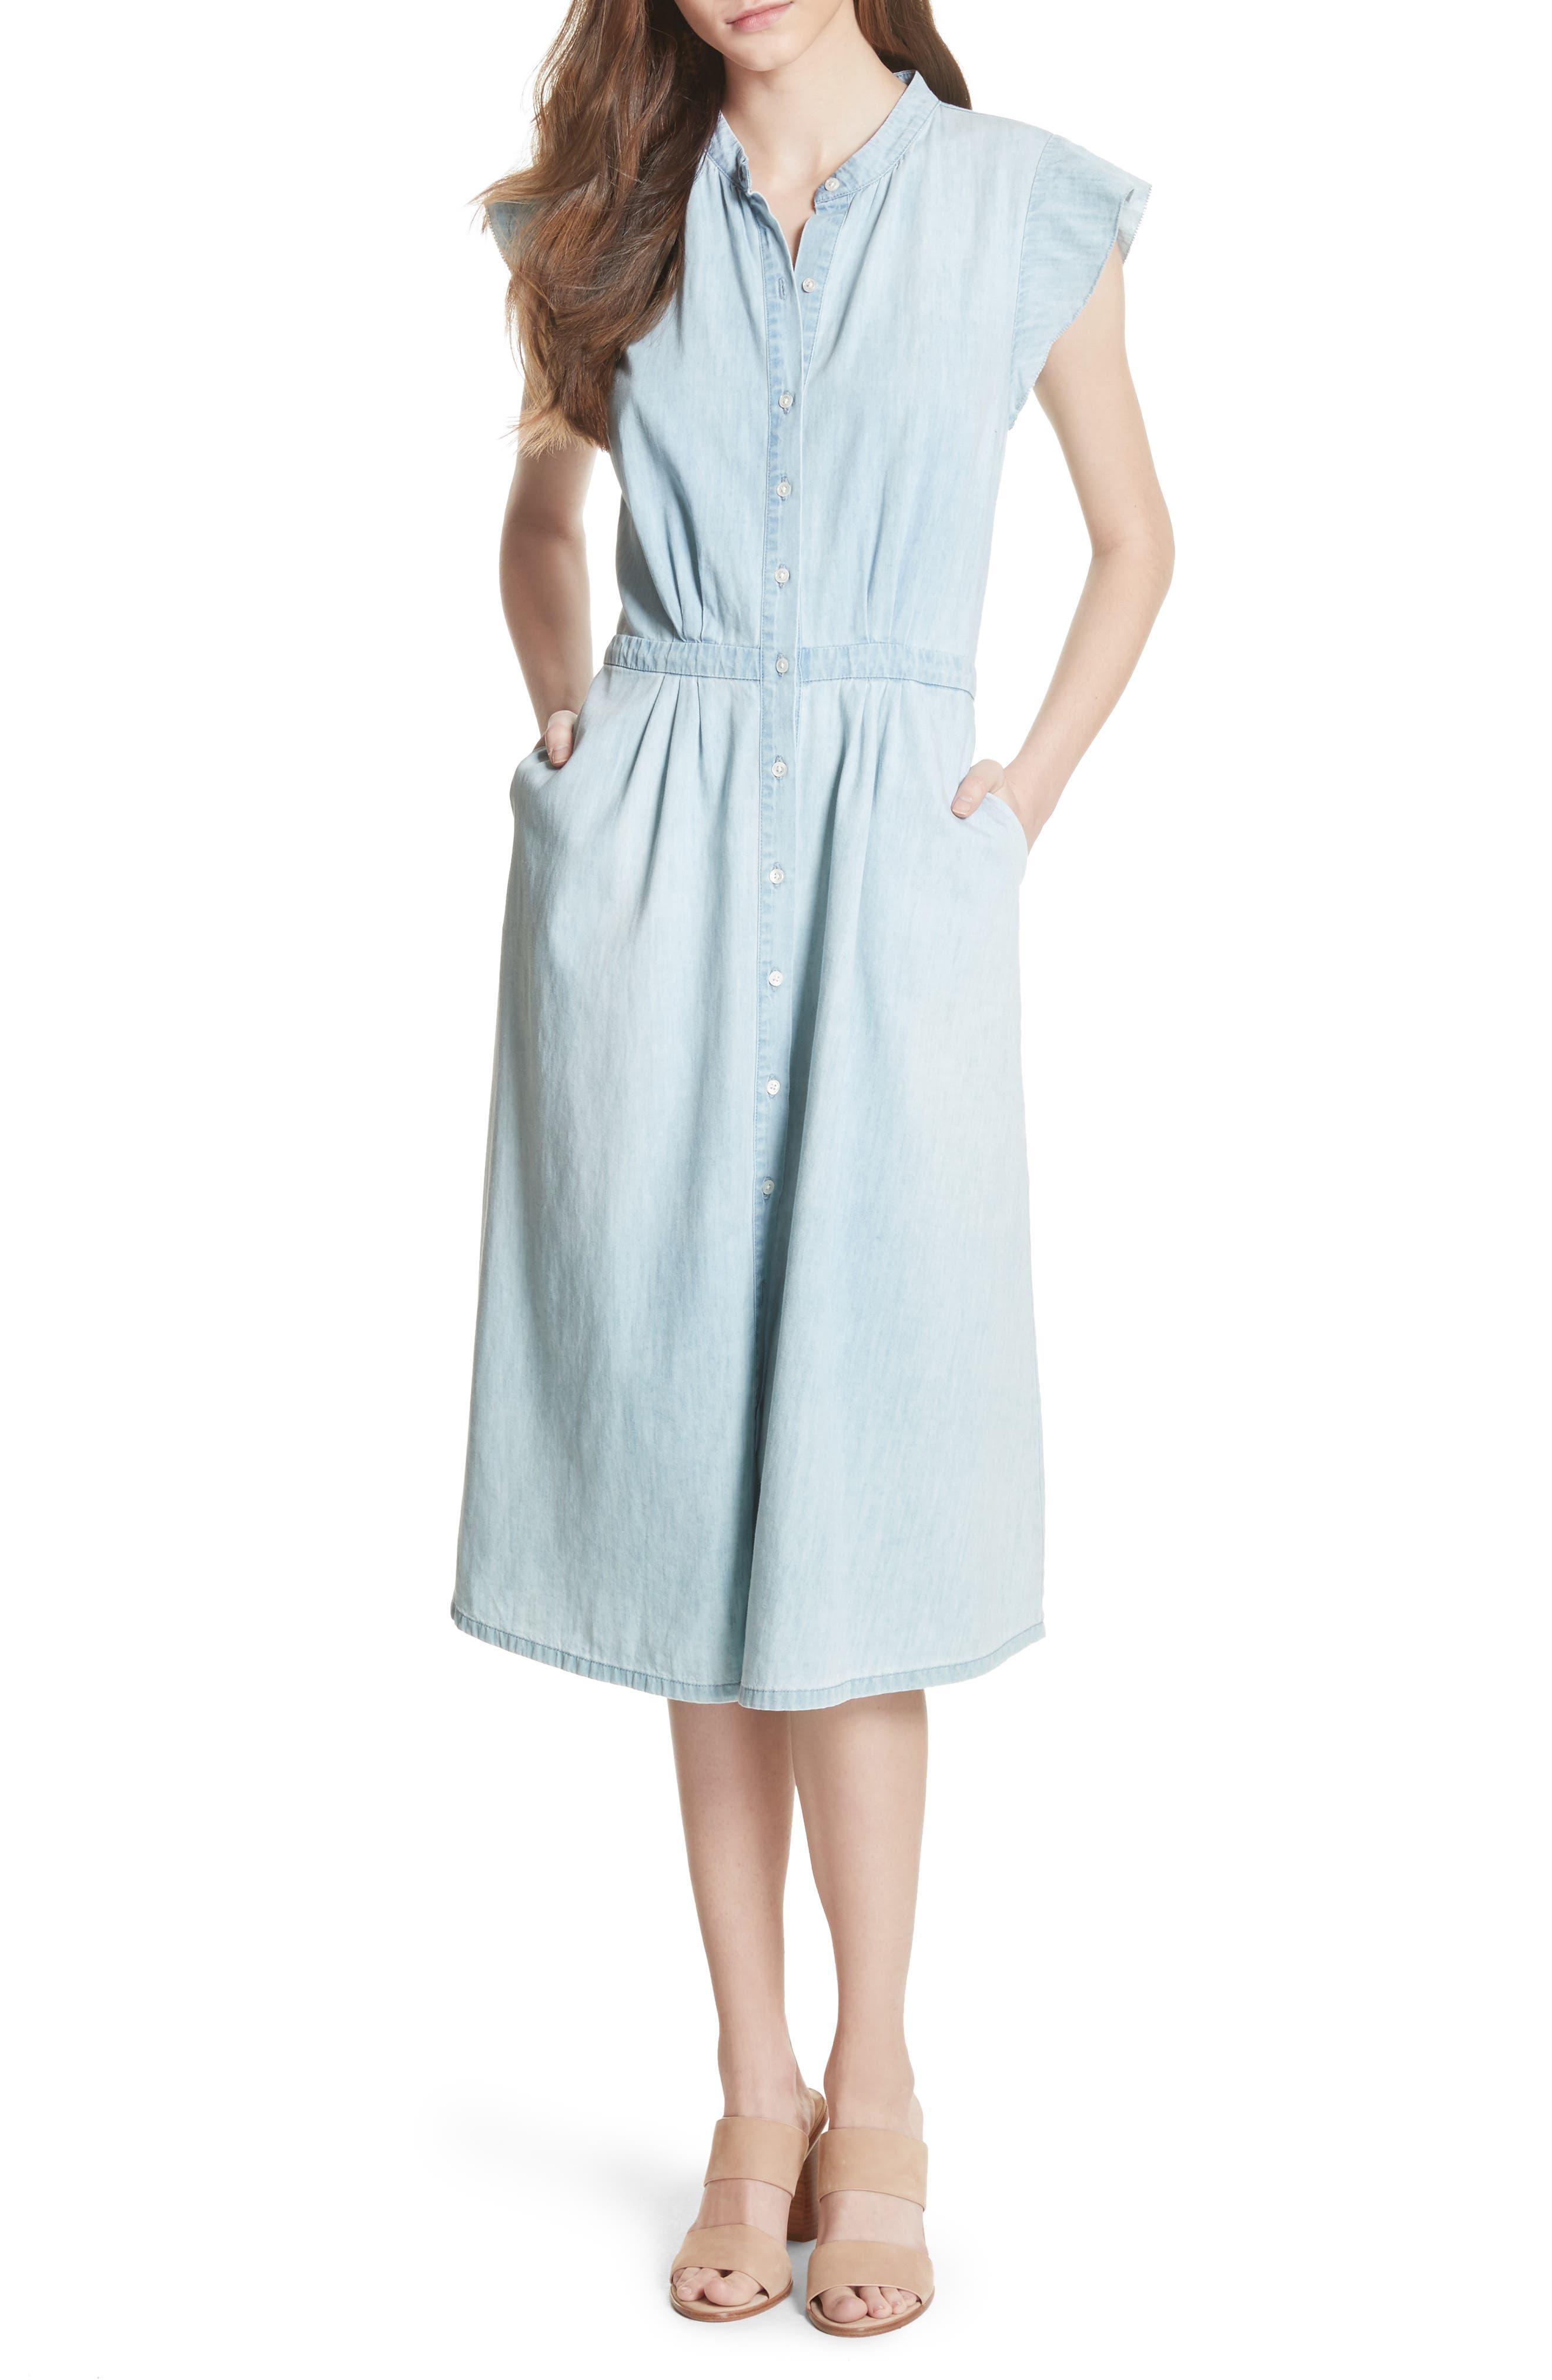 Awel Ruffle Chambray Shirtdress,                             Main thumbnail 1, color,                             Western Fade